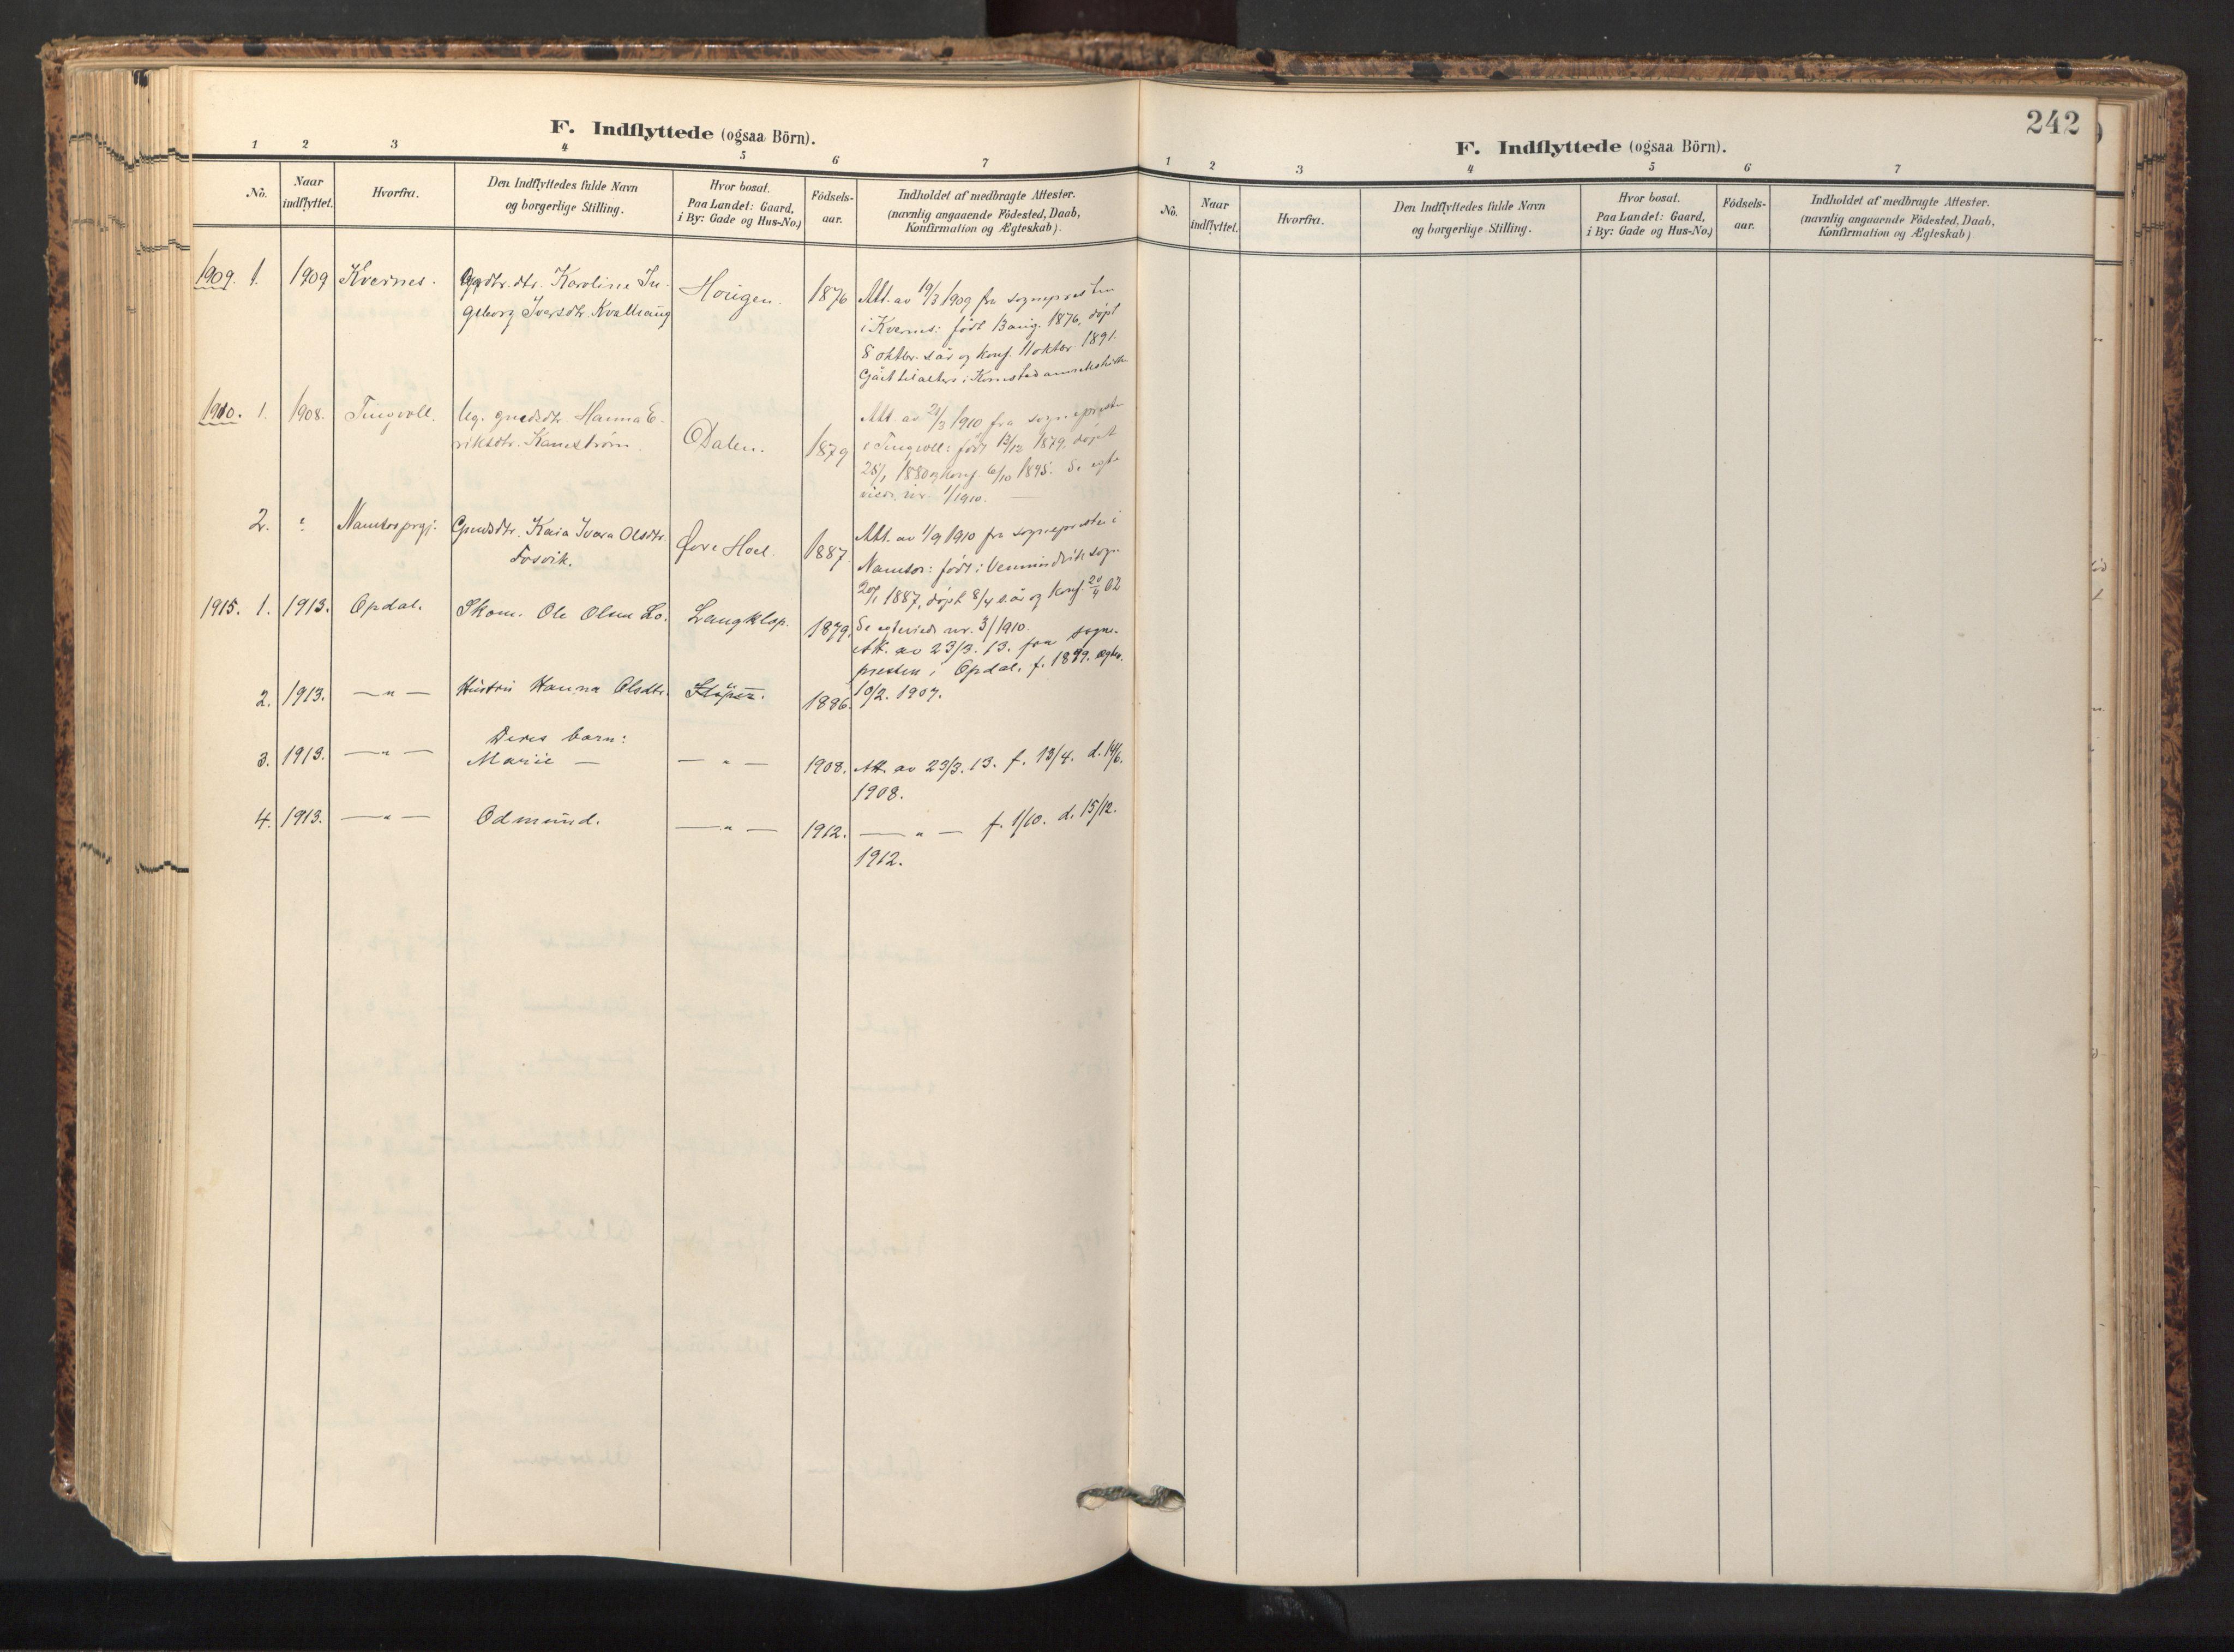 SAT, Ministerialprotokoller, klokkerbøker og fødselsregistre - Sør-Trøndelag, 674/L0873: Ministerialbok nr. 674A05, 1908-1923, s. 242